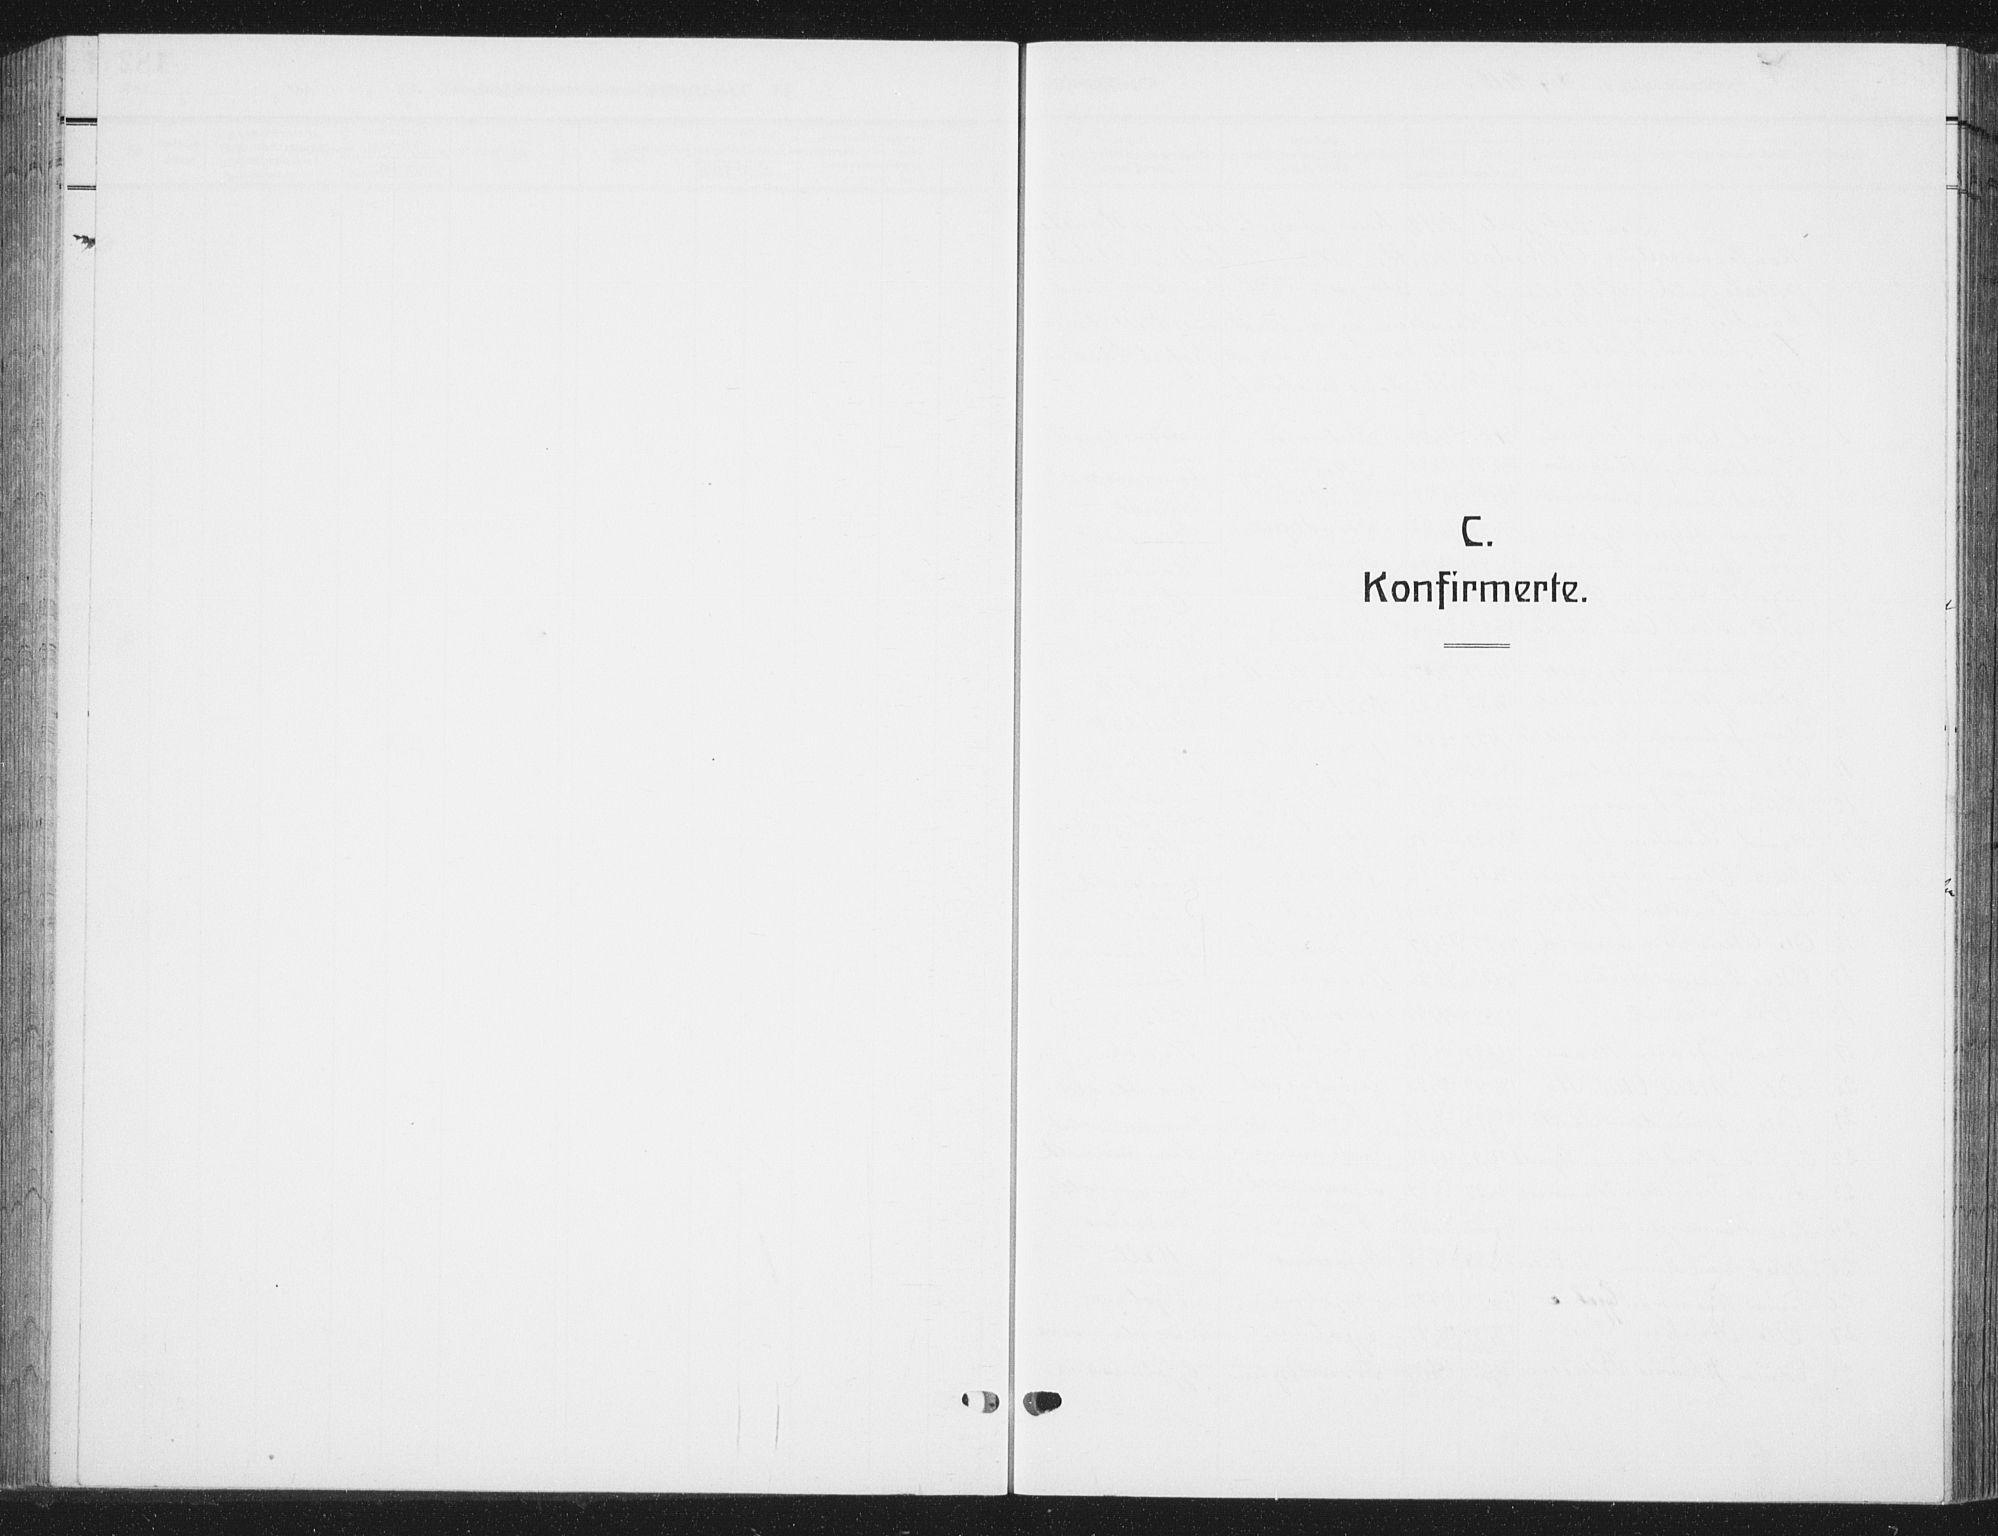 SAT, Ministerialprotokoller, klokkerbøker og fødselsregistre - Sør-Trøndelag, 668/L0820: Klokkerbok nr. 668C09, 1912-1936